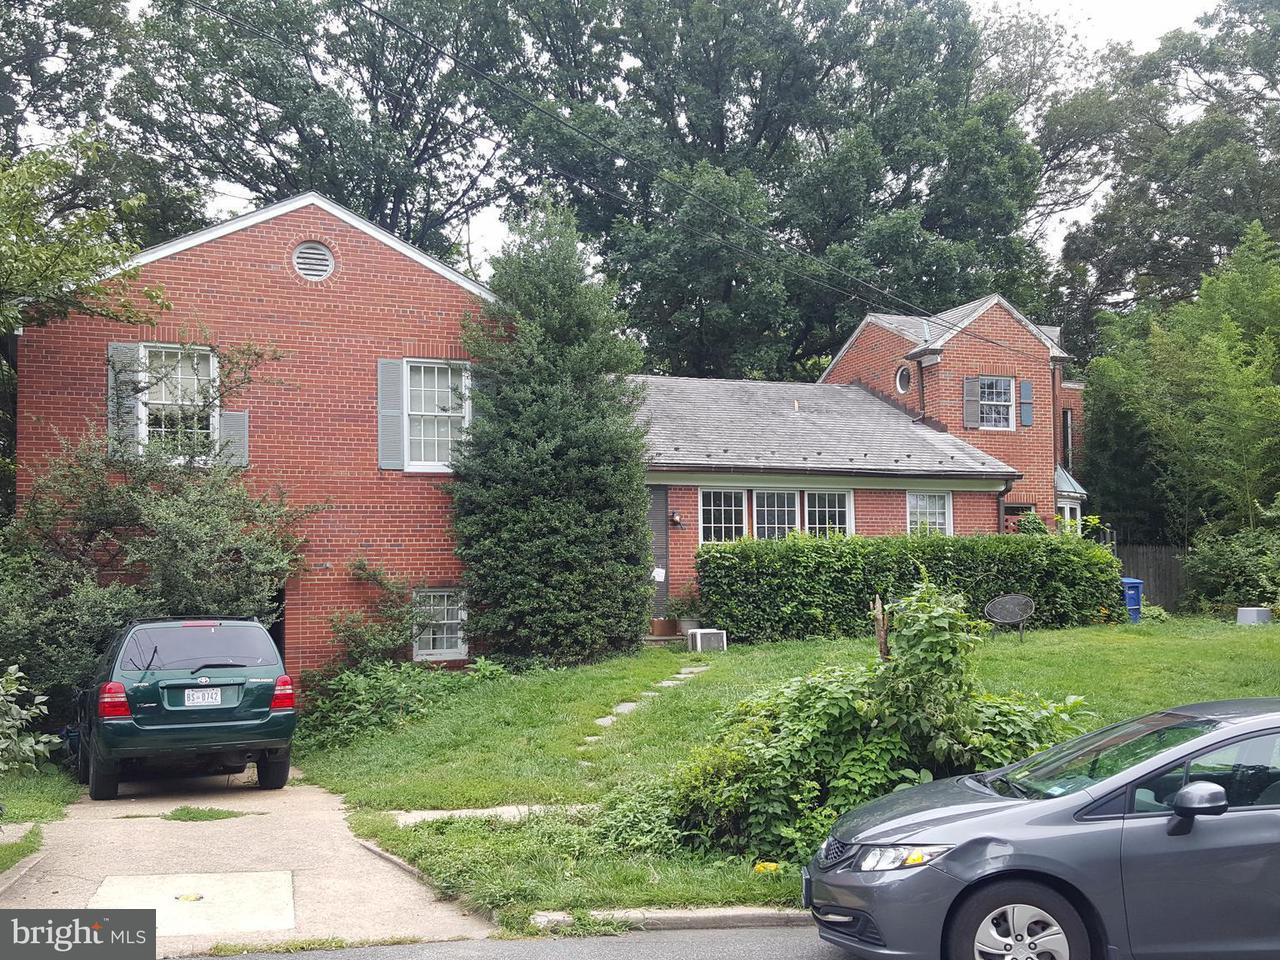 Villa per Vendita alle ore 2901 Garfield Ter Nw 2901 Garfield Ter Nw Washington, Distretto Di Columbia 20008 Stati Uniti